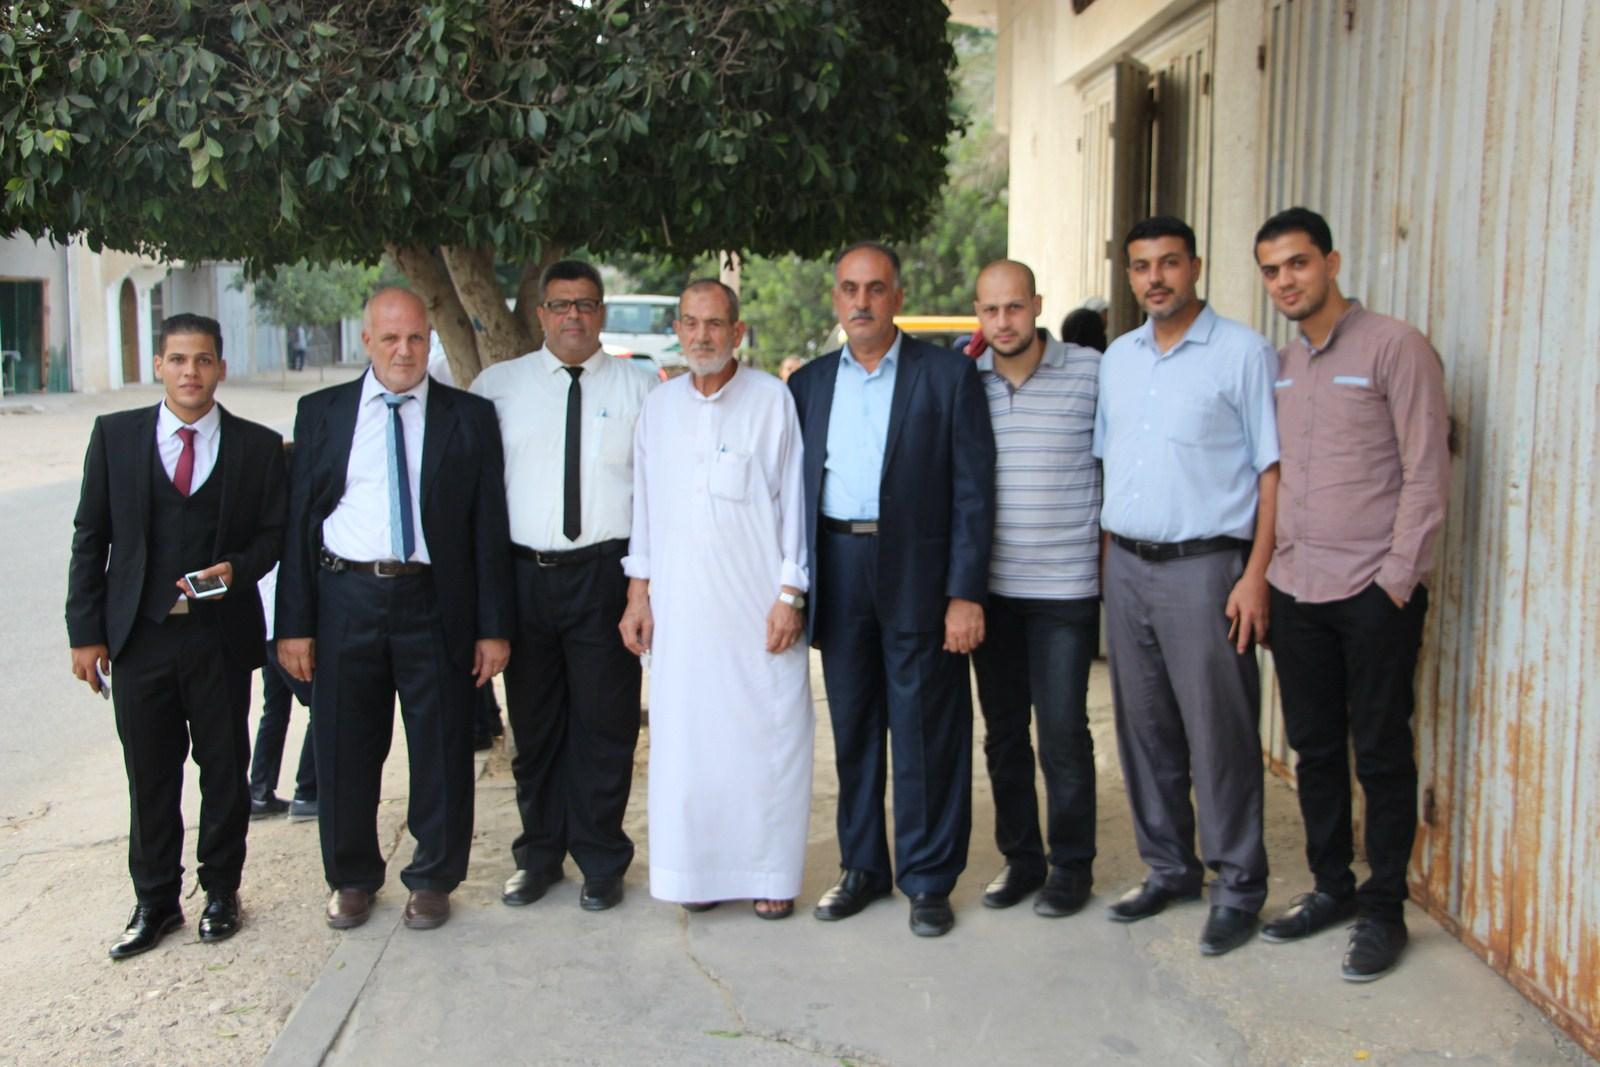 حفل زفاف صاحبة الصون والعفاف م.بدور موسى عبد العزيز الفرا